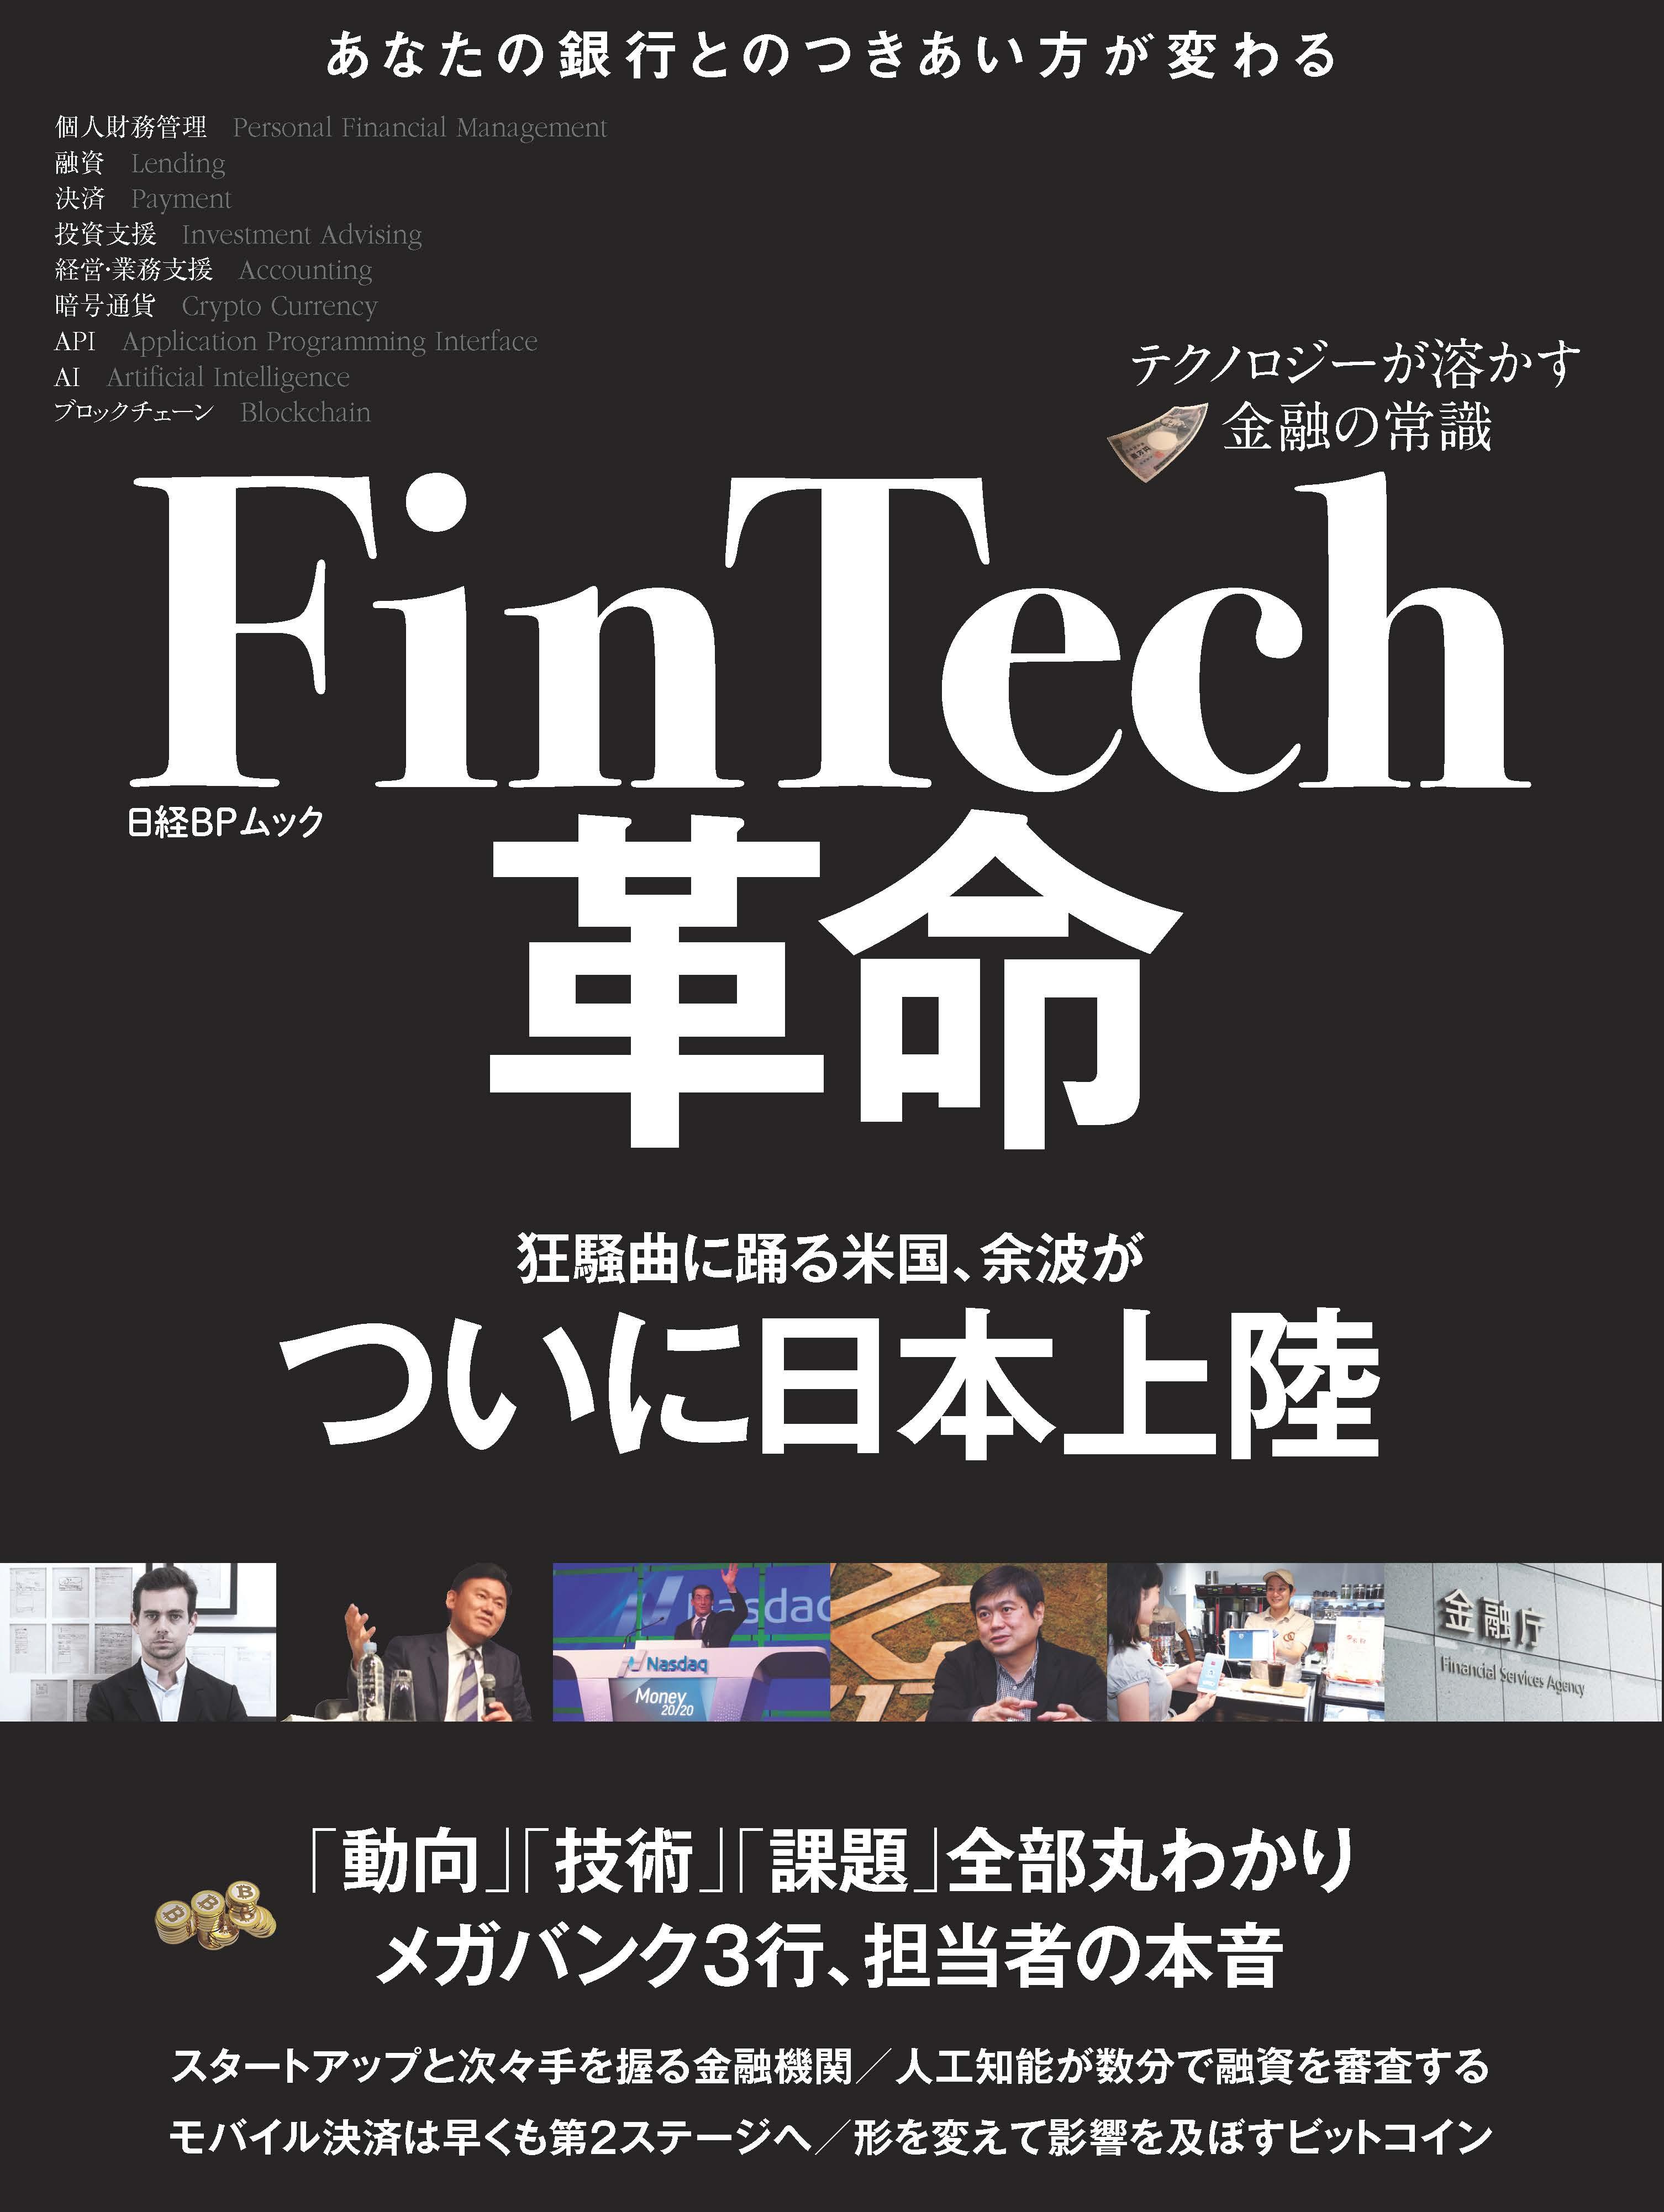 FinTech革命